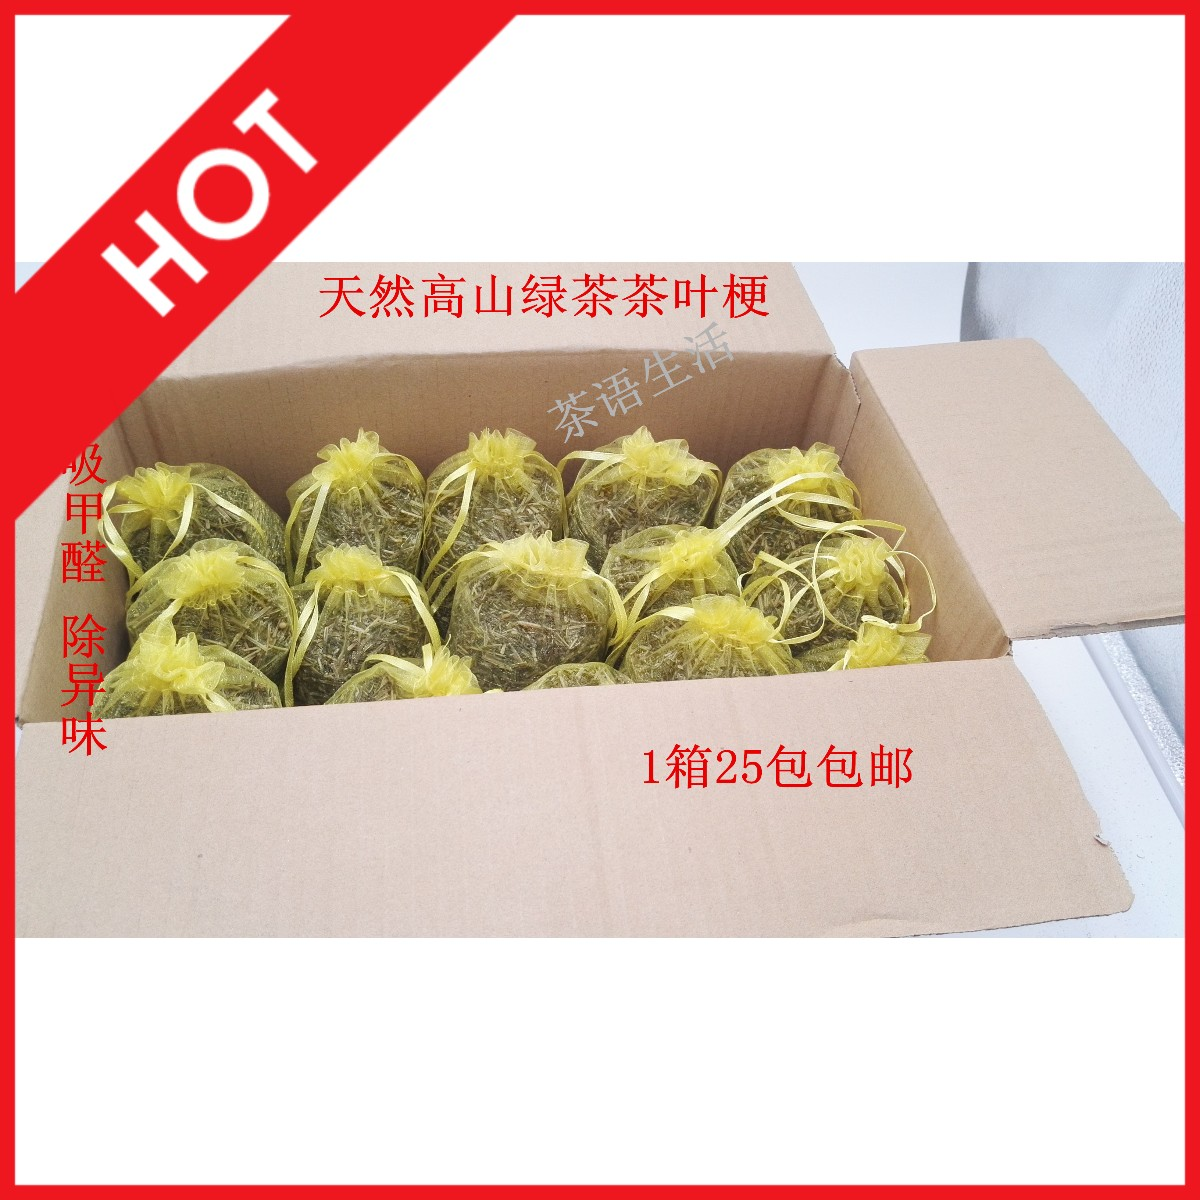 Ароматизированный чайный стебель пакет 25 пакет Дезодорант зеленый чай Maofeng чай стебель чайная ветка бесплатная доставка по китаю украшение новый RV по вкусу формальдегида